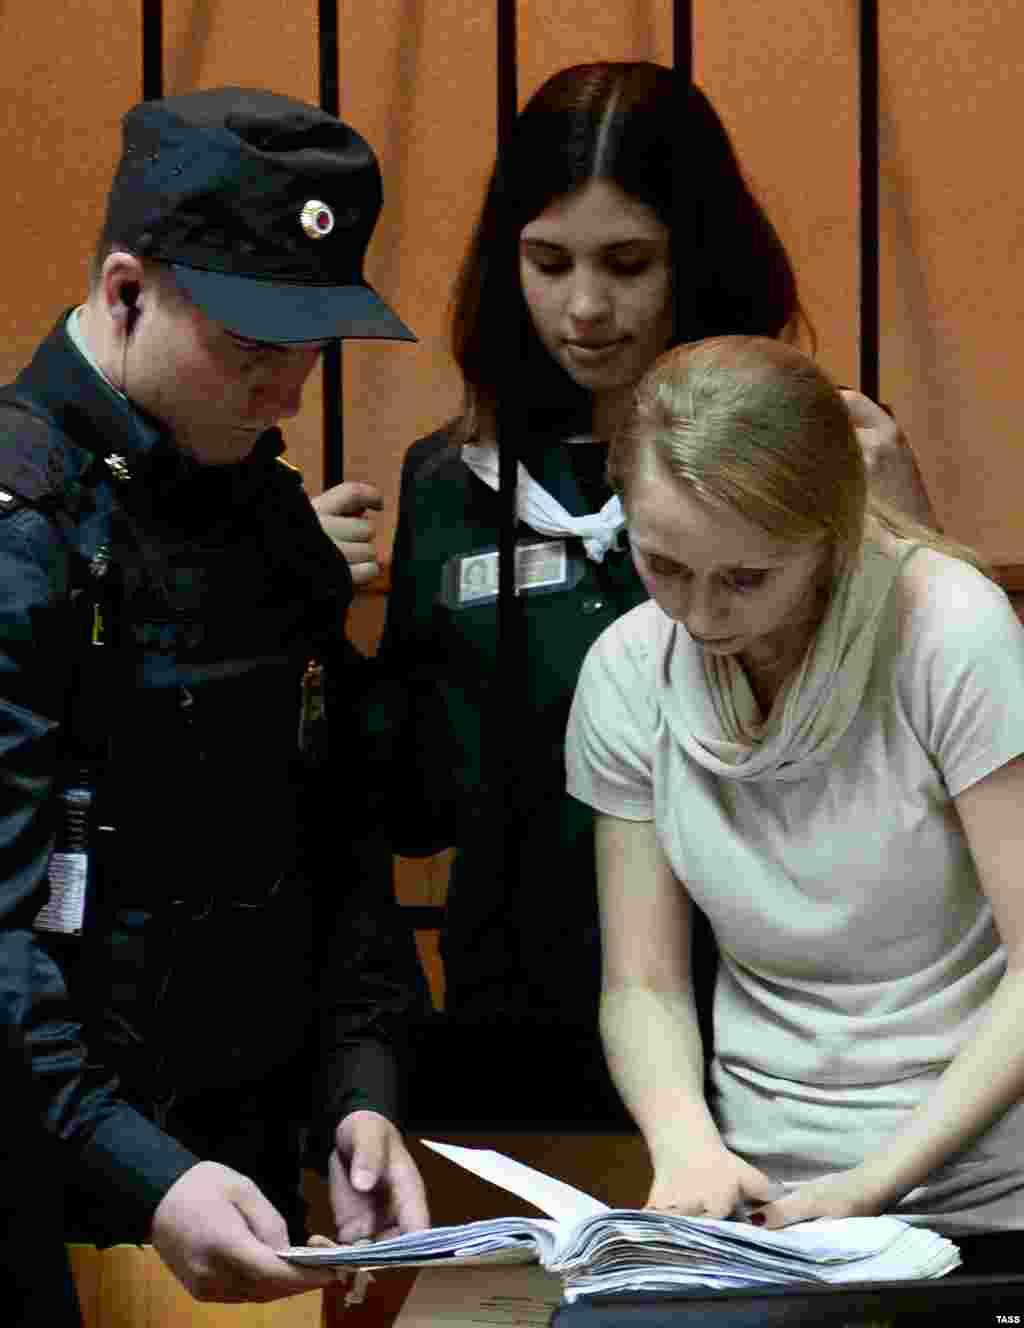 Адвокат Хрунова обратила особое внимание суда на то, что Толоконникова осуждена за ненасильственное преступление. Администрация колонии предоставила положительную характеристику о трудовой деятельности